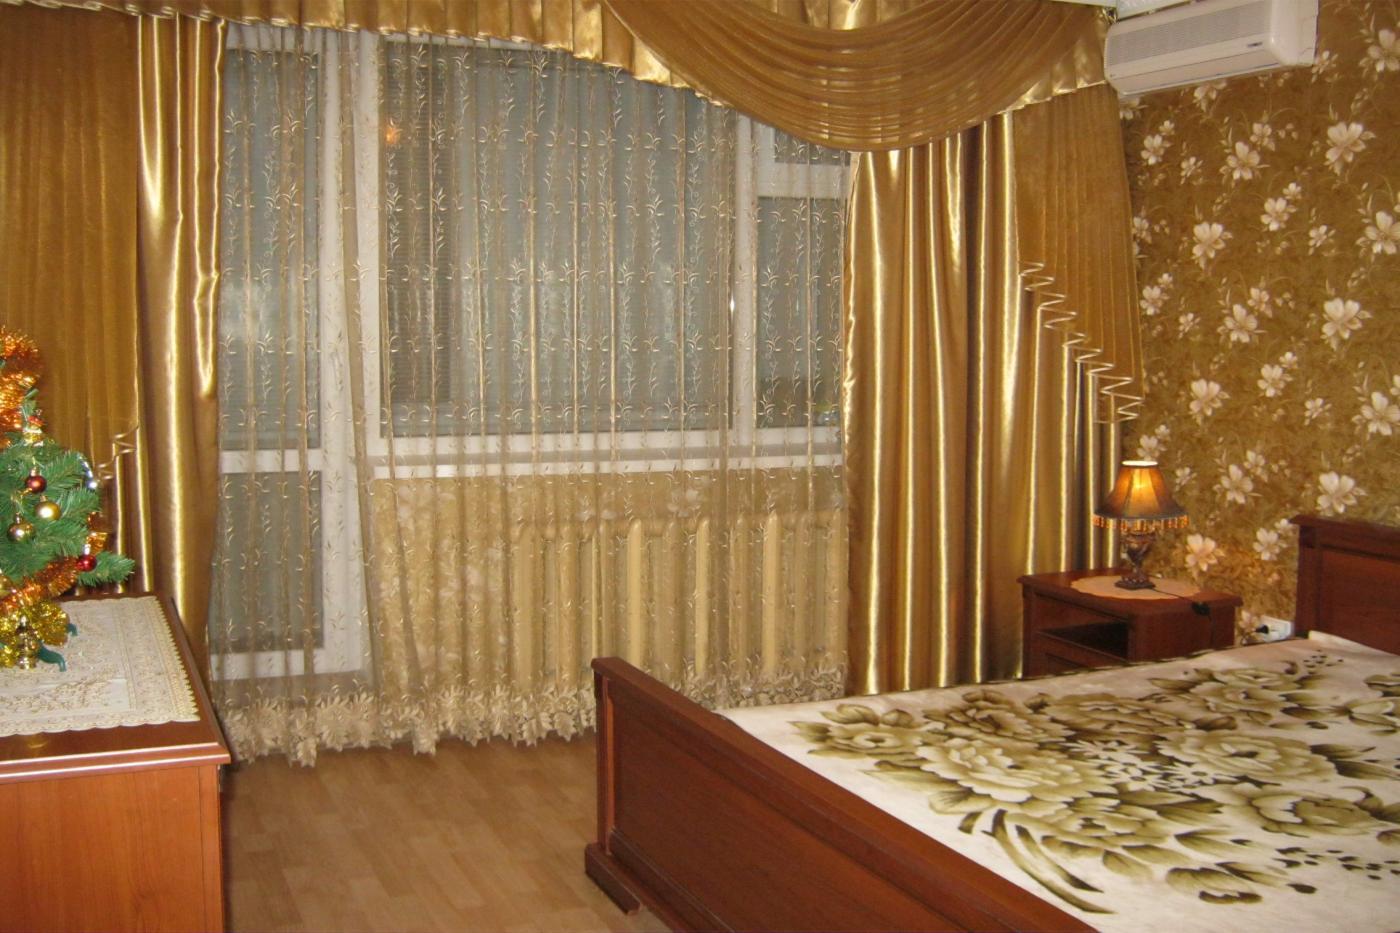 3-комнатная квартира посуточно (вариант № 1546), ул. Героев Сталинграда проспект, фото № 3